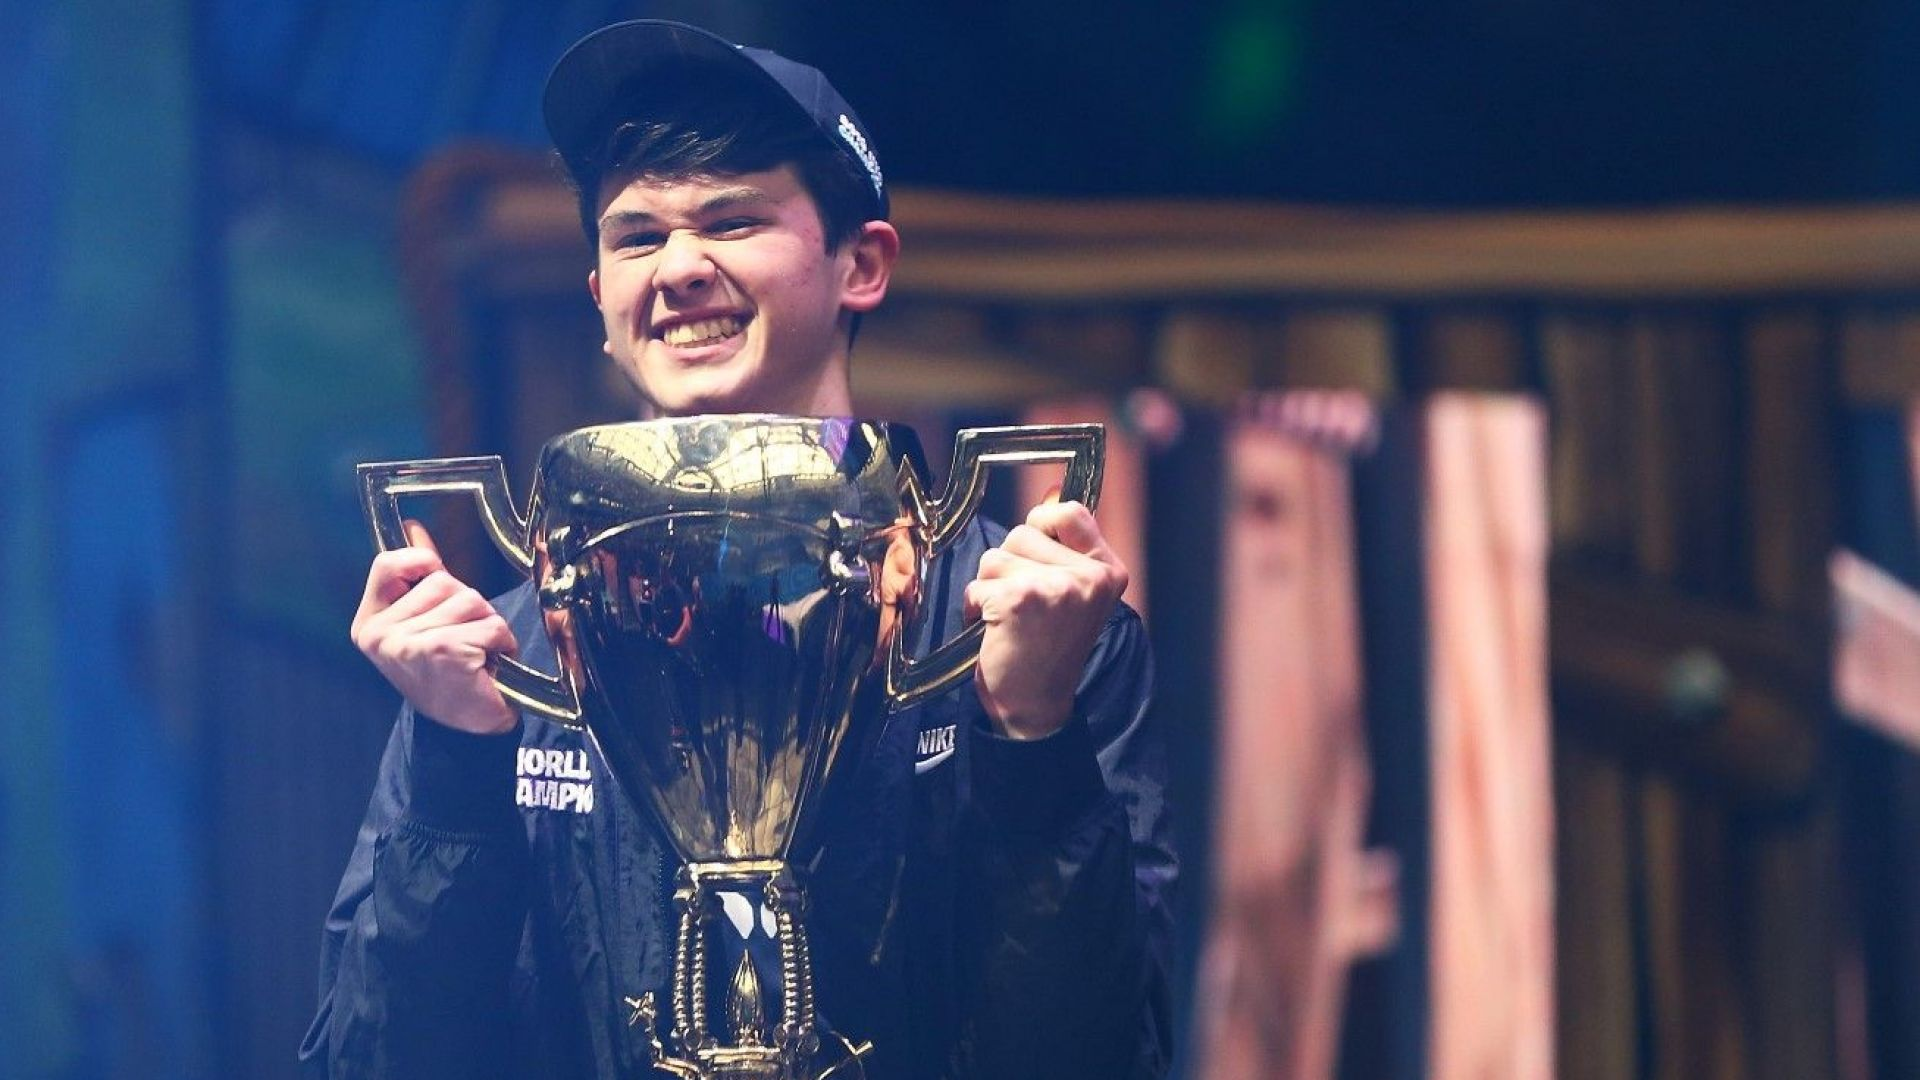 """Тийнейджър стана световен шампион на """"Фортнайт"""" и спечели $3 млн."""